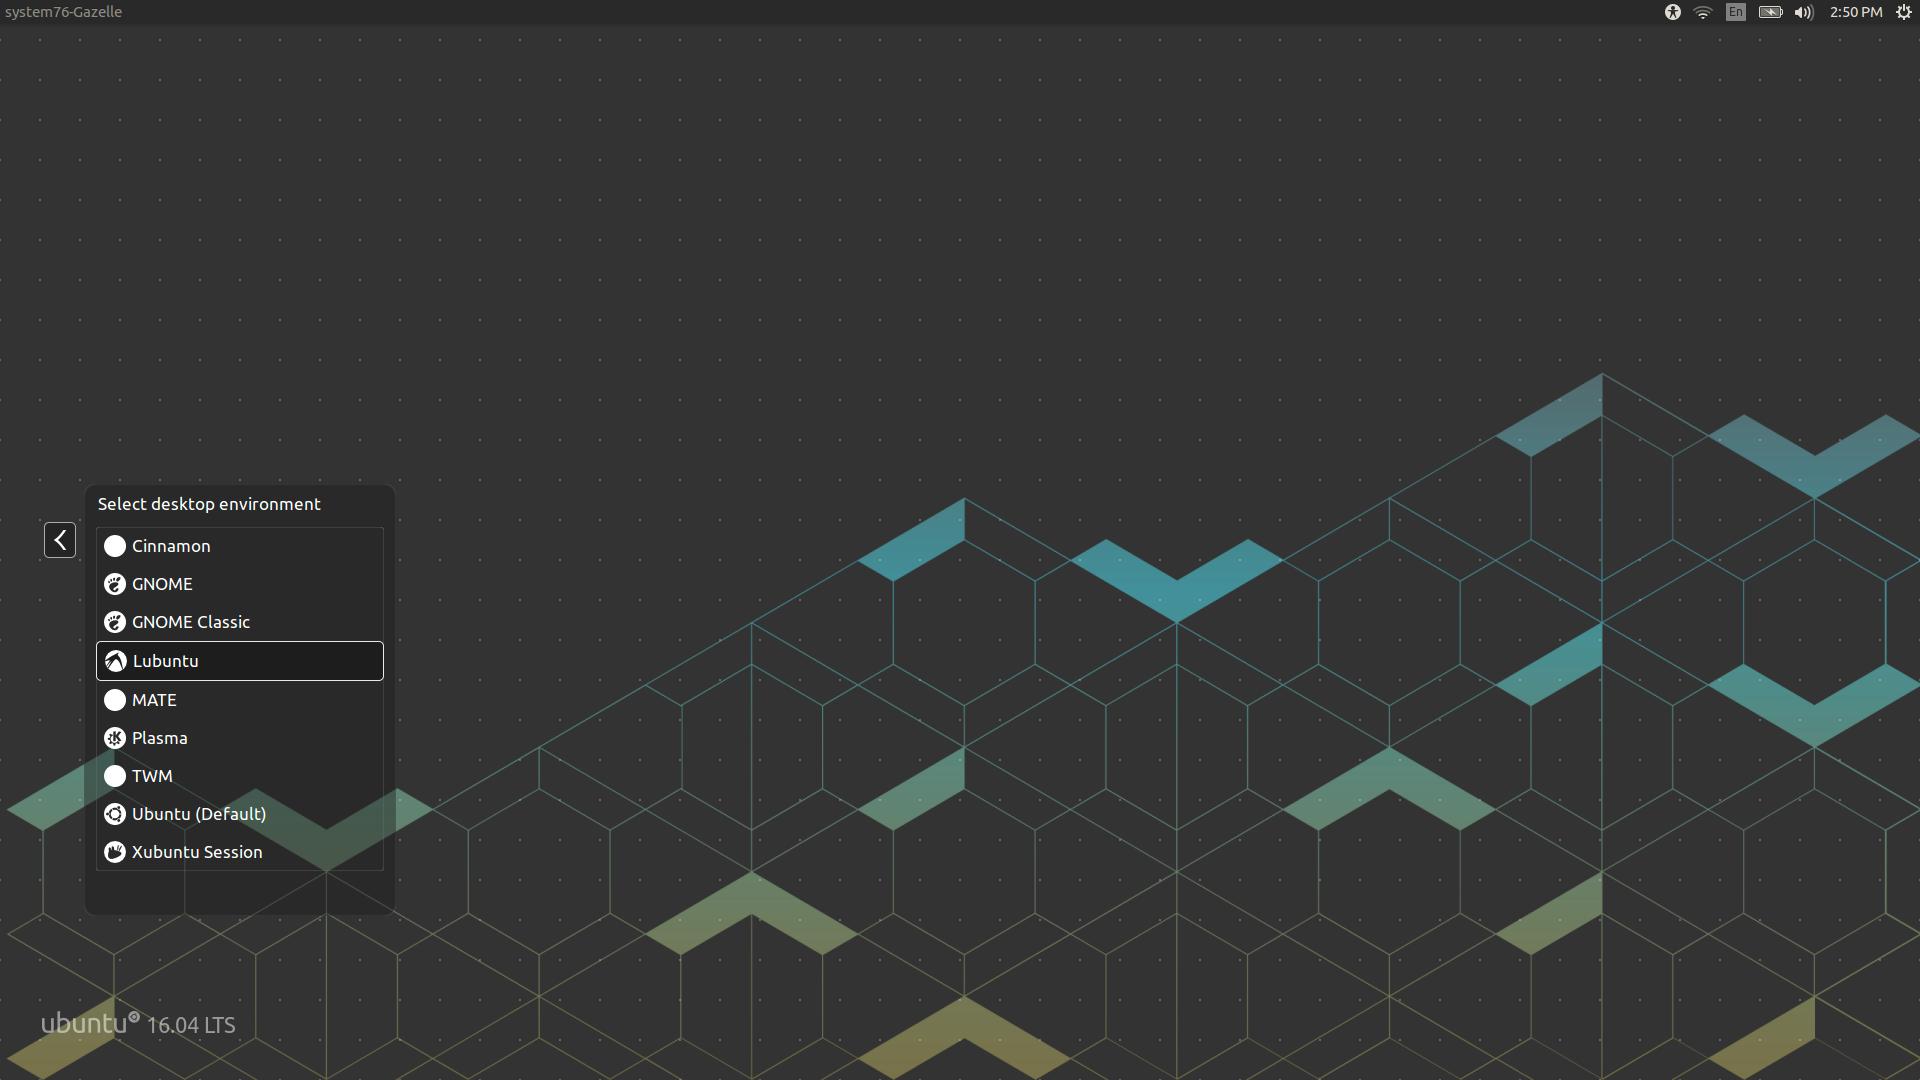 Xrdp Login Failed For Display 0 Ubuntu 18